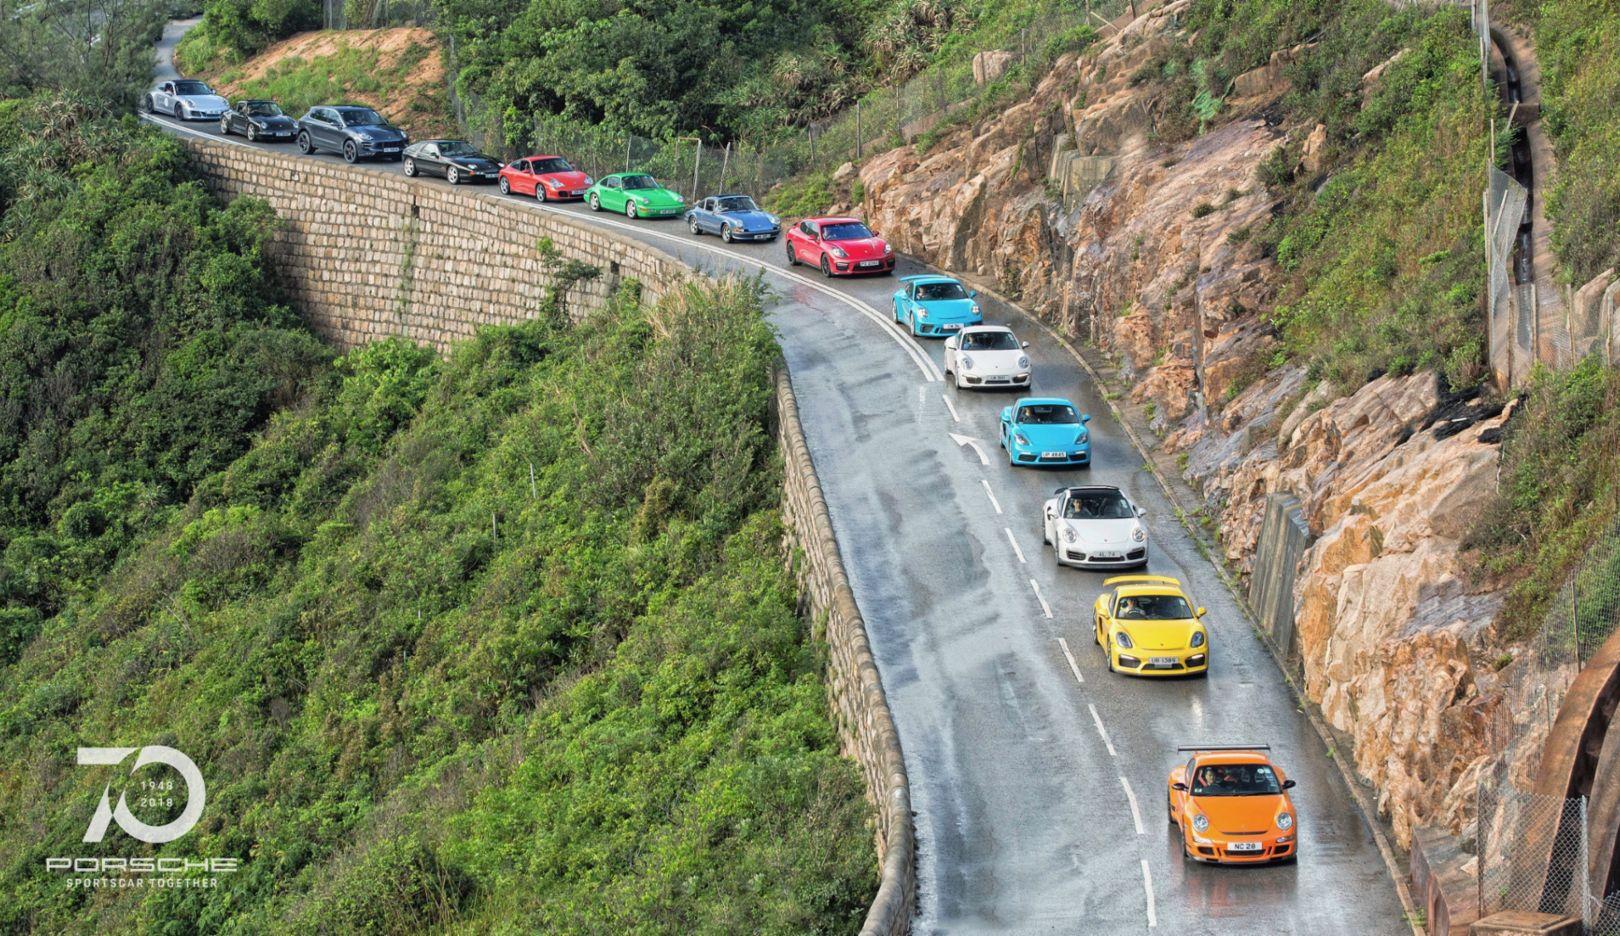 保时捷经典车型一齐亮相,驰骋在香港蜿蜒的公路上。